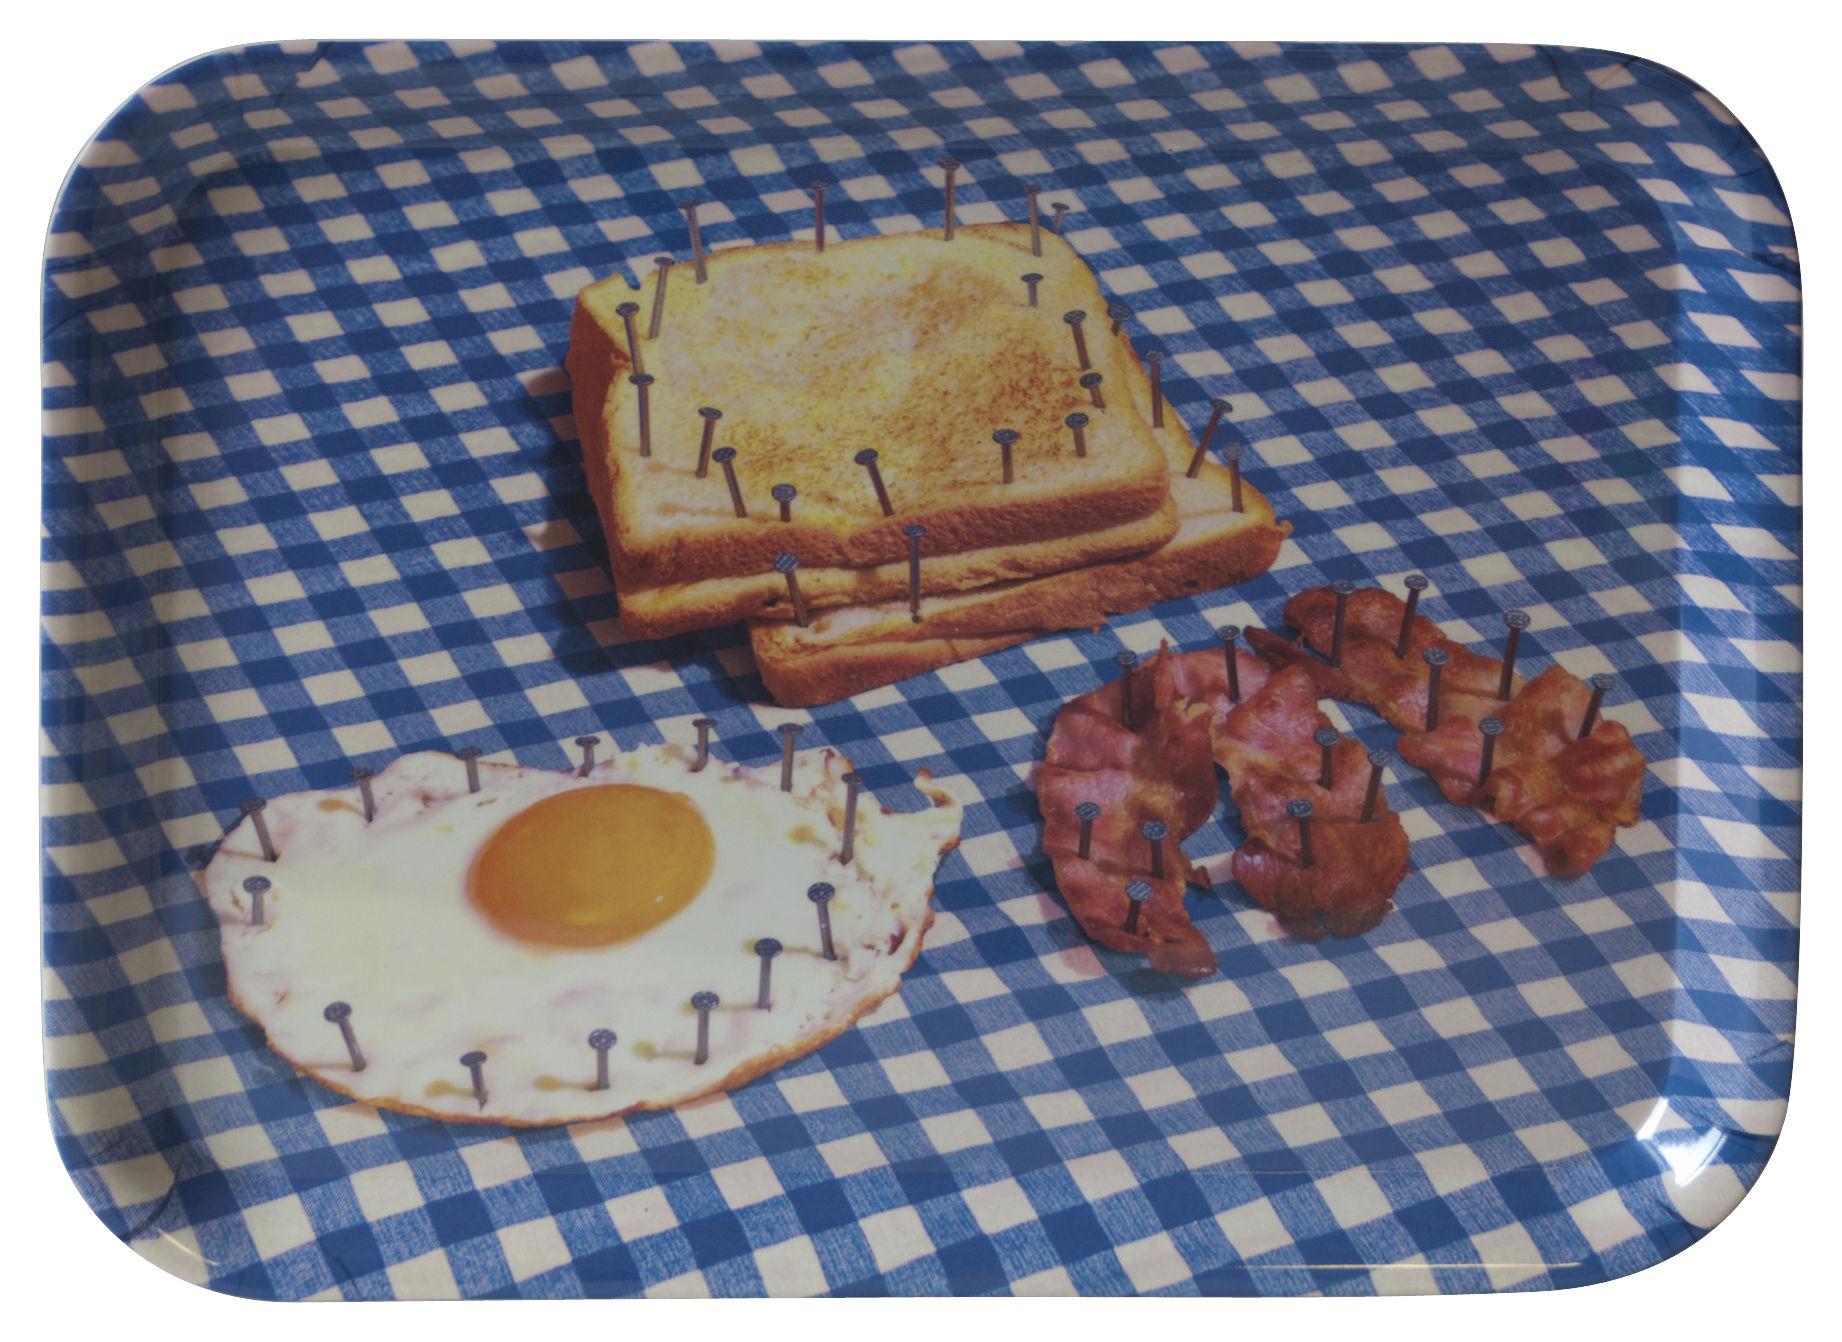 Toiletpaper tray - Breakfast - 43 x 32 cm Multicolor | White | Blue Seletti Maurizio Cattelan | Pierpaolo Ferrari